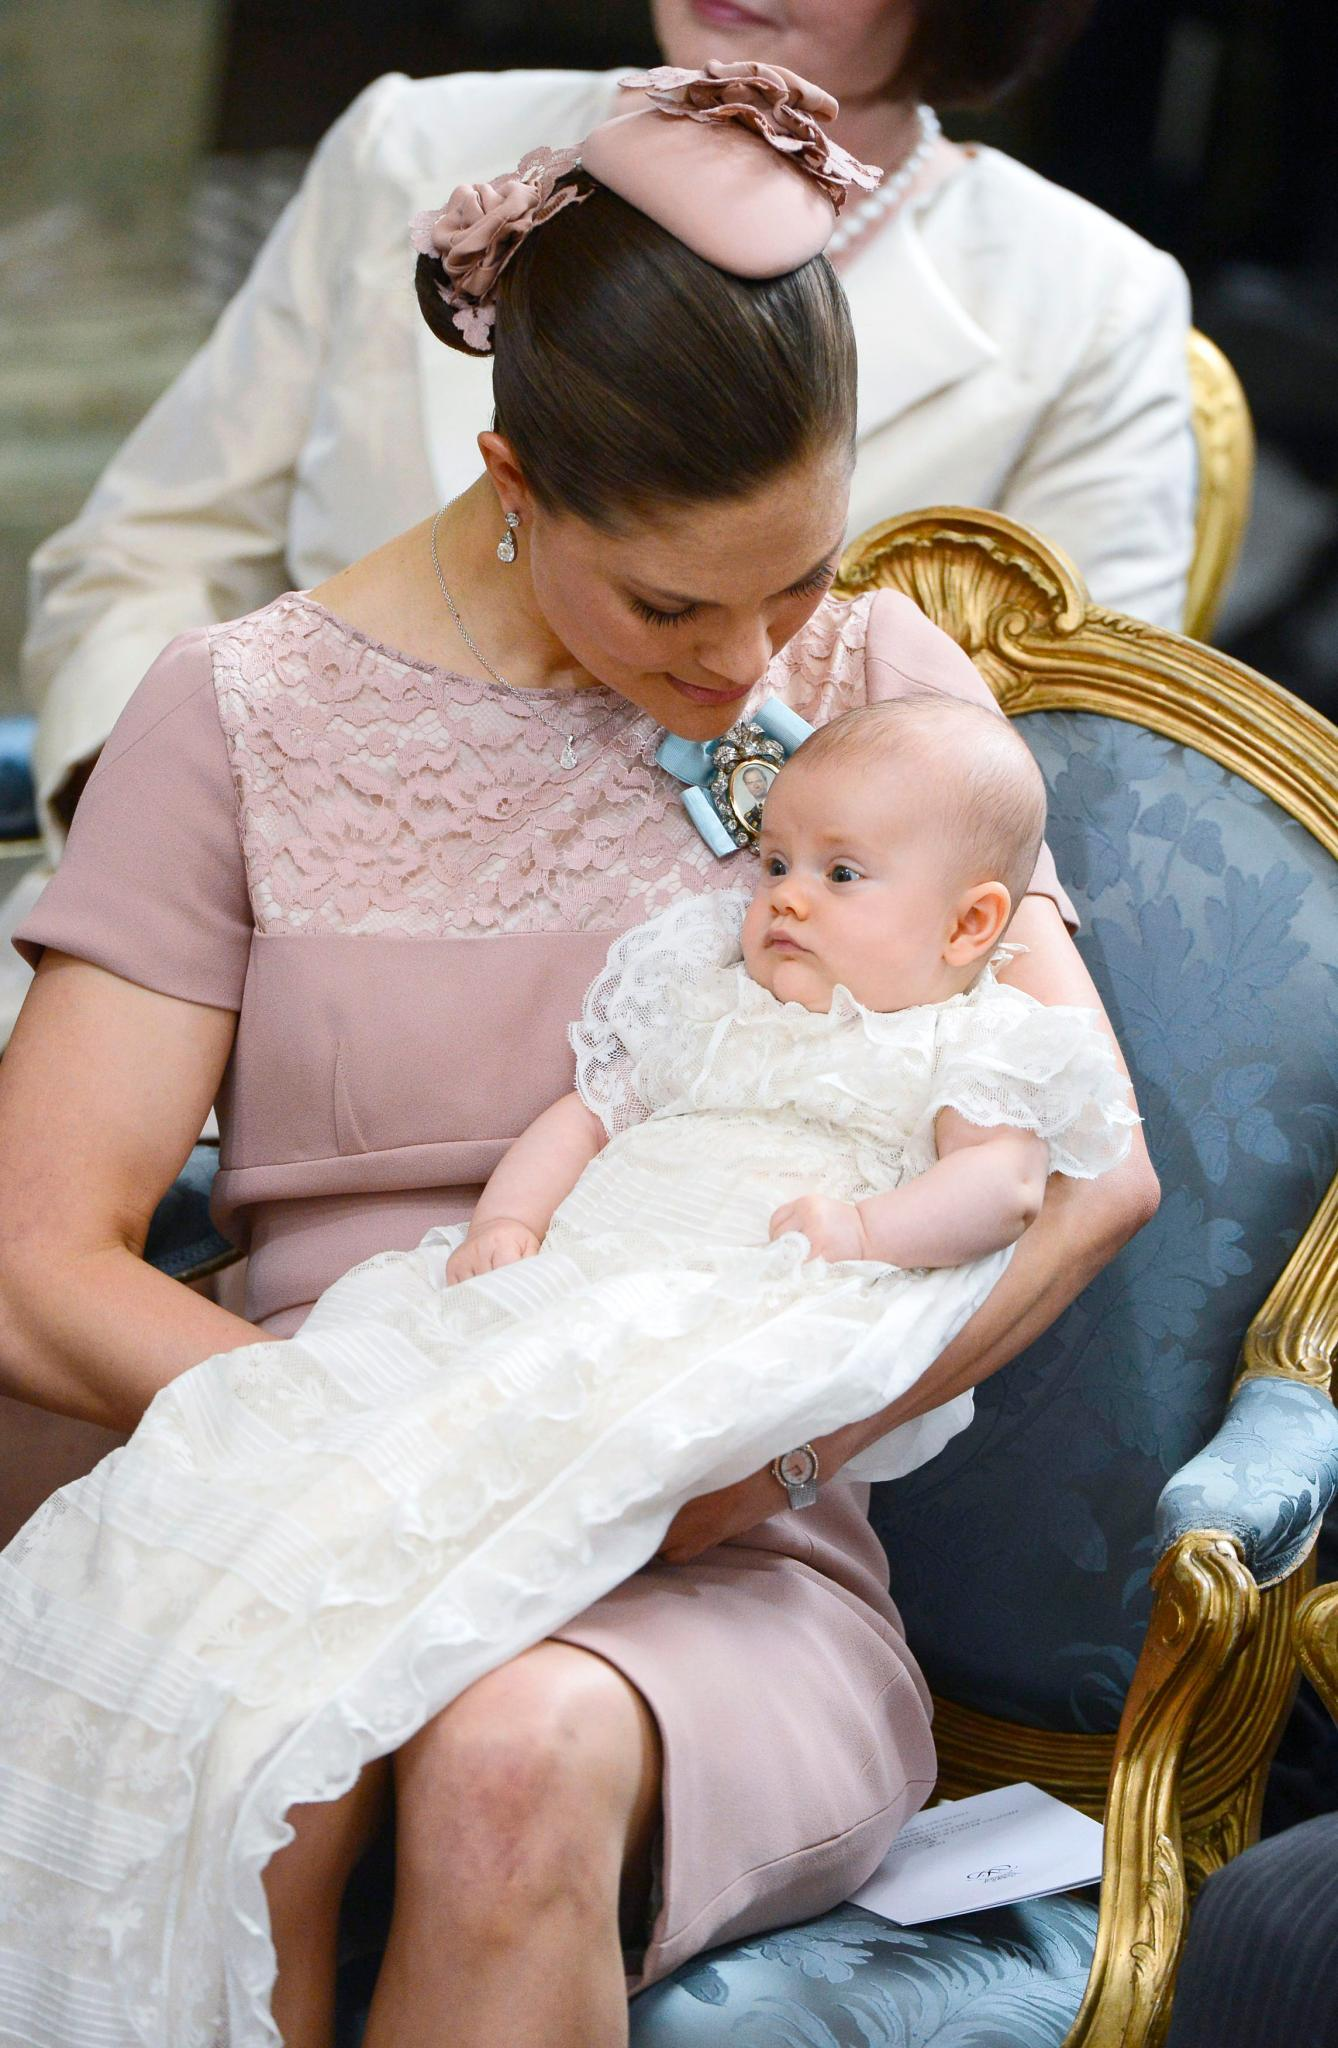 Ganz Prinzessin: Estelle bei ihrer Taufe im Mai 2012. Victoria trägt passend zum Geschlecht ihrer Tochter die Farbe Rosa.